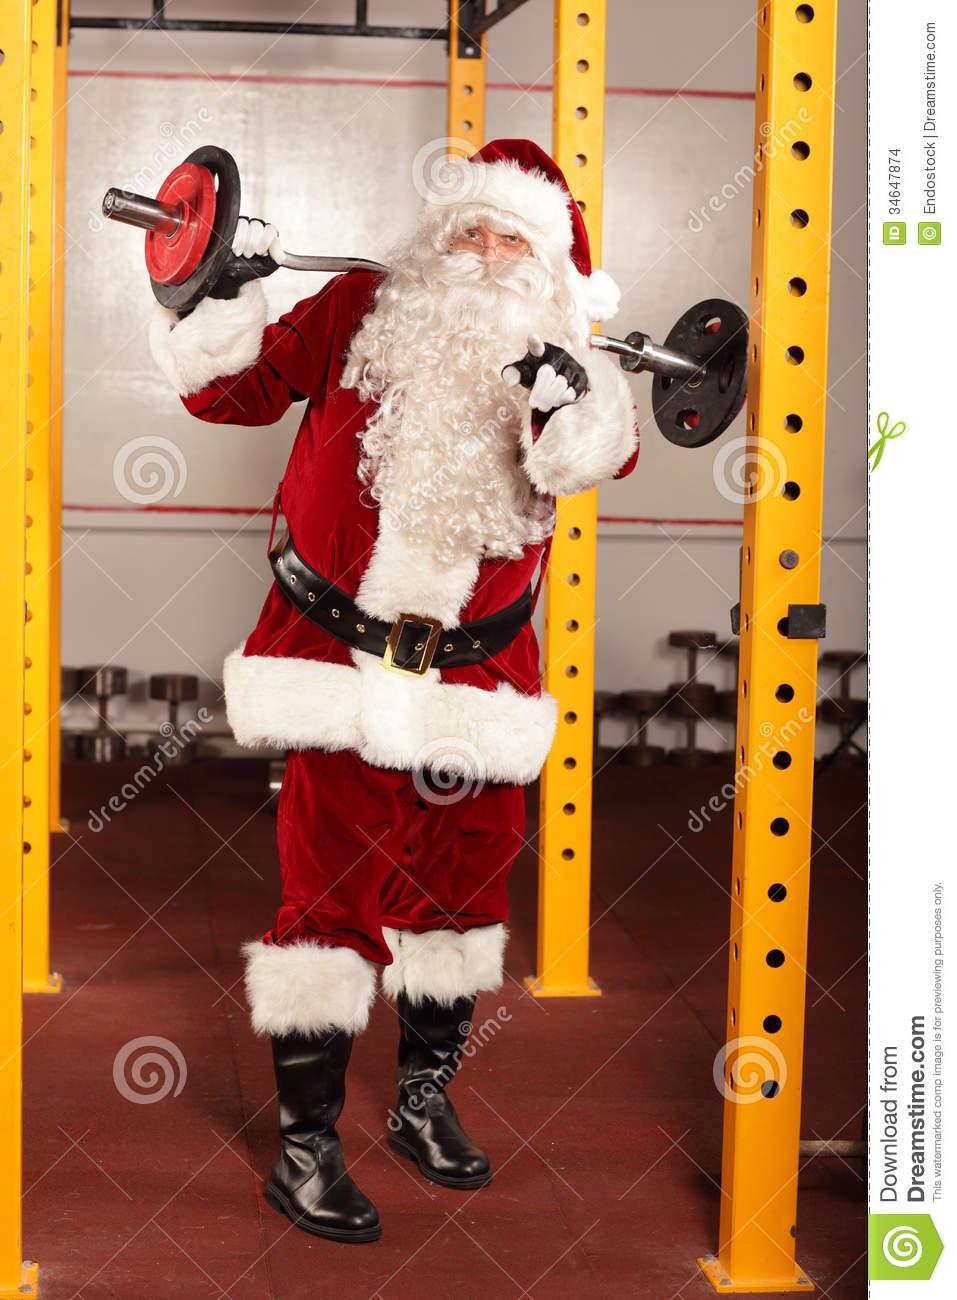 Sanya clipart lifting weight Santa Santa collection Claus In